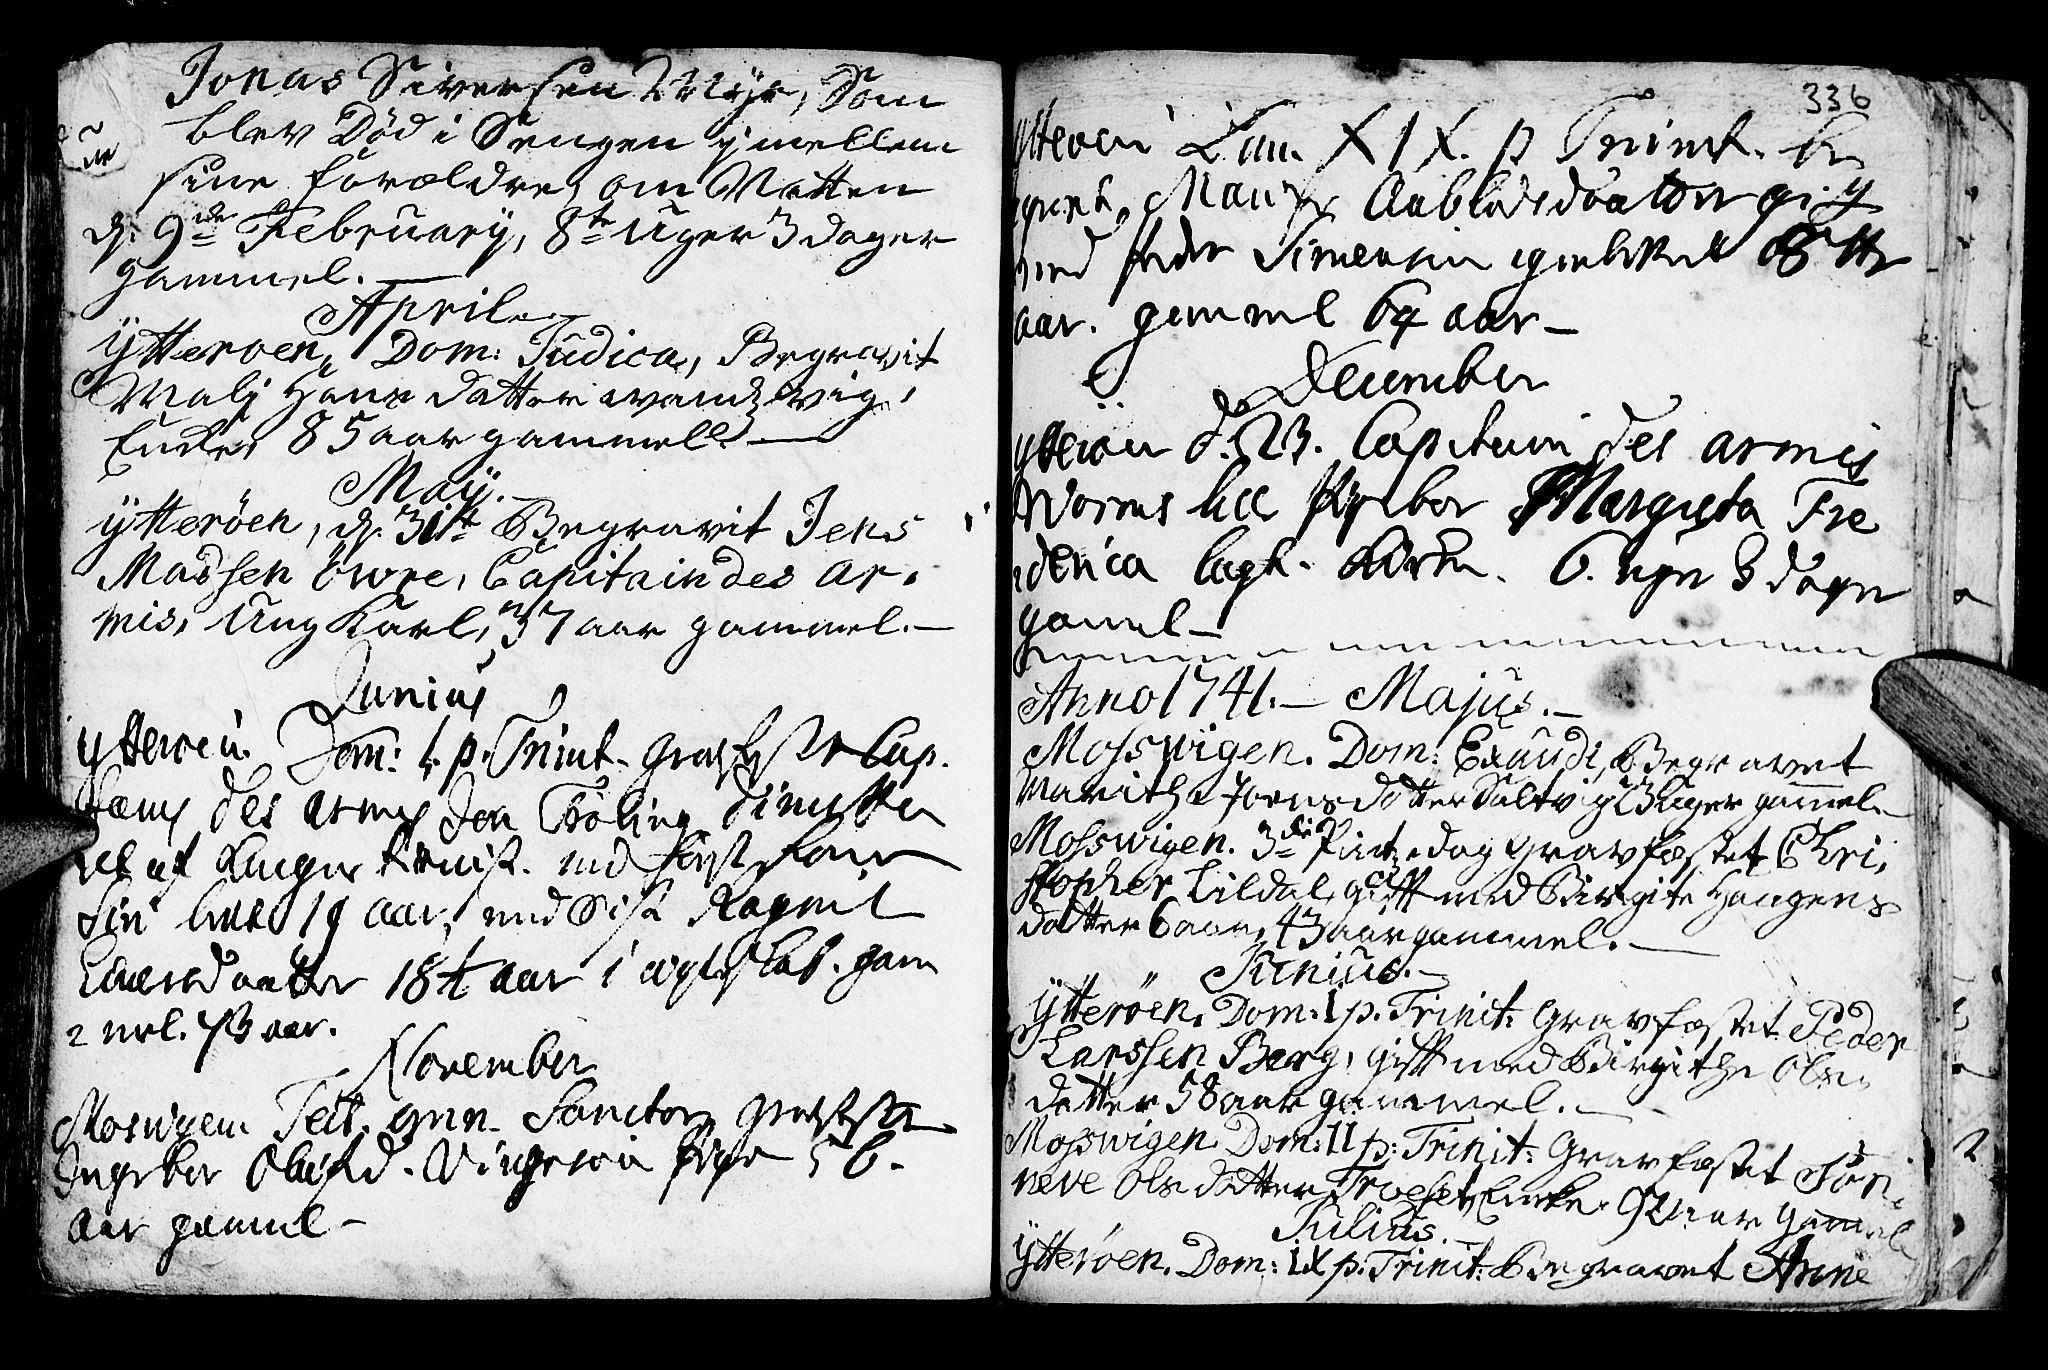 SAT, Ministerialprotokoller, klokkerbøker og fødselsregistre - Nord-Trøndelag, 722/L0215: Ministerialbok nr. 722A02, 1718-1755, s. 336